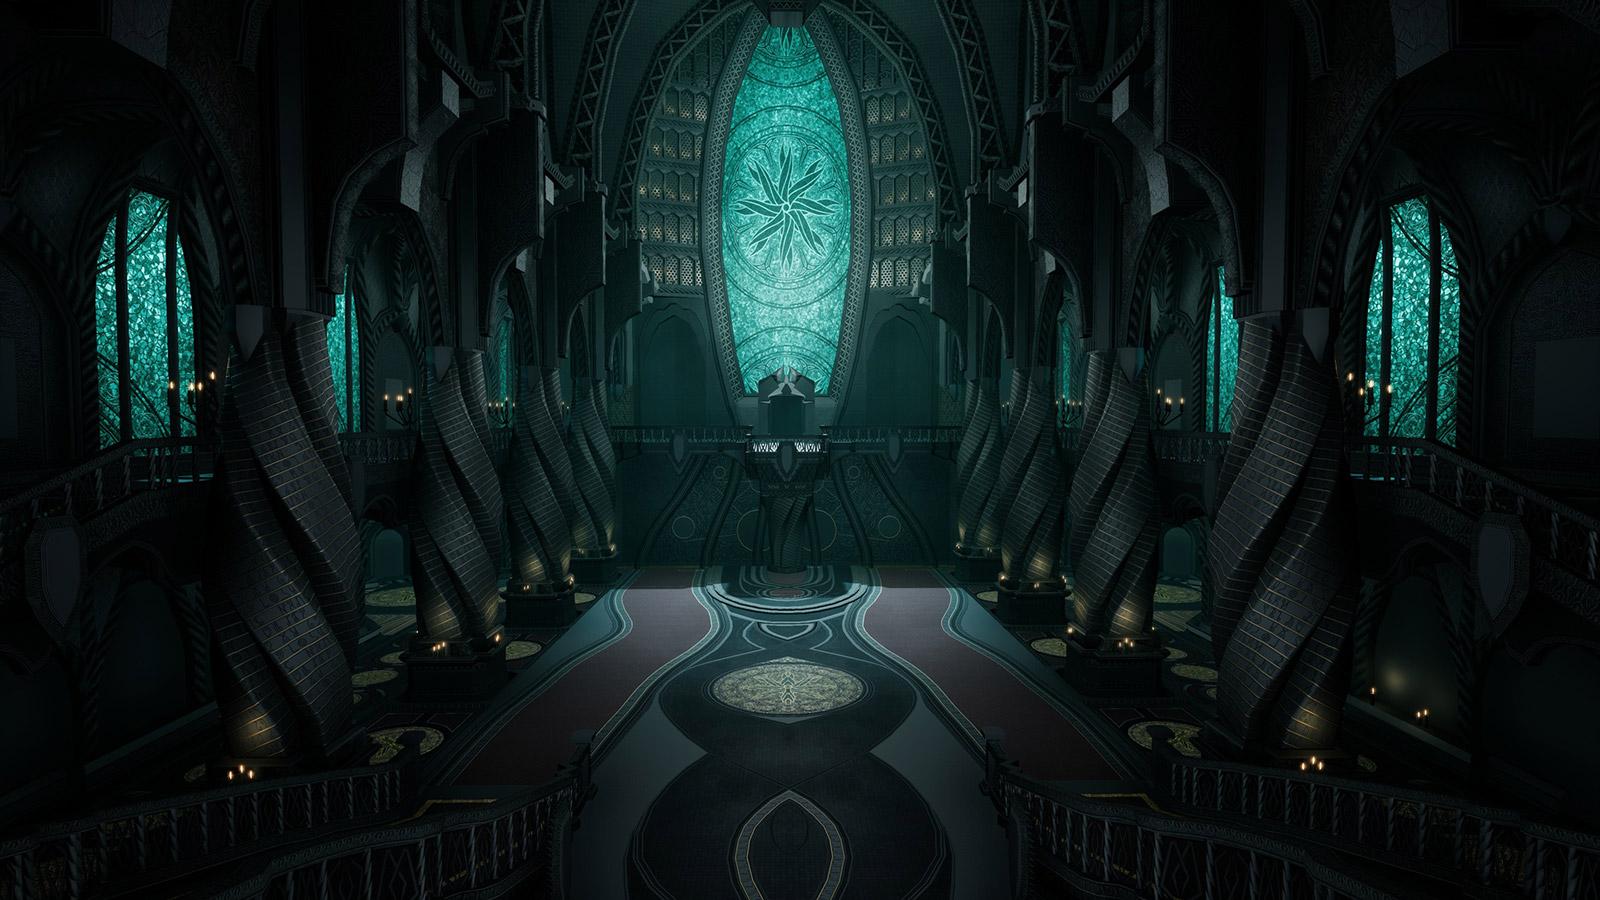 Dead Space 2 Wallpaper in 1600x900